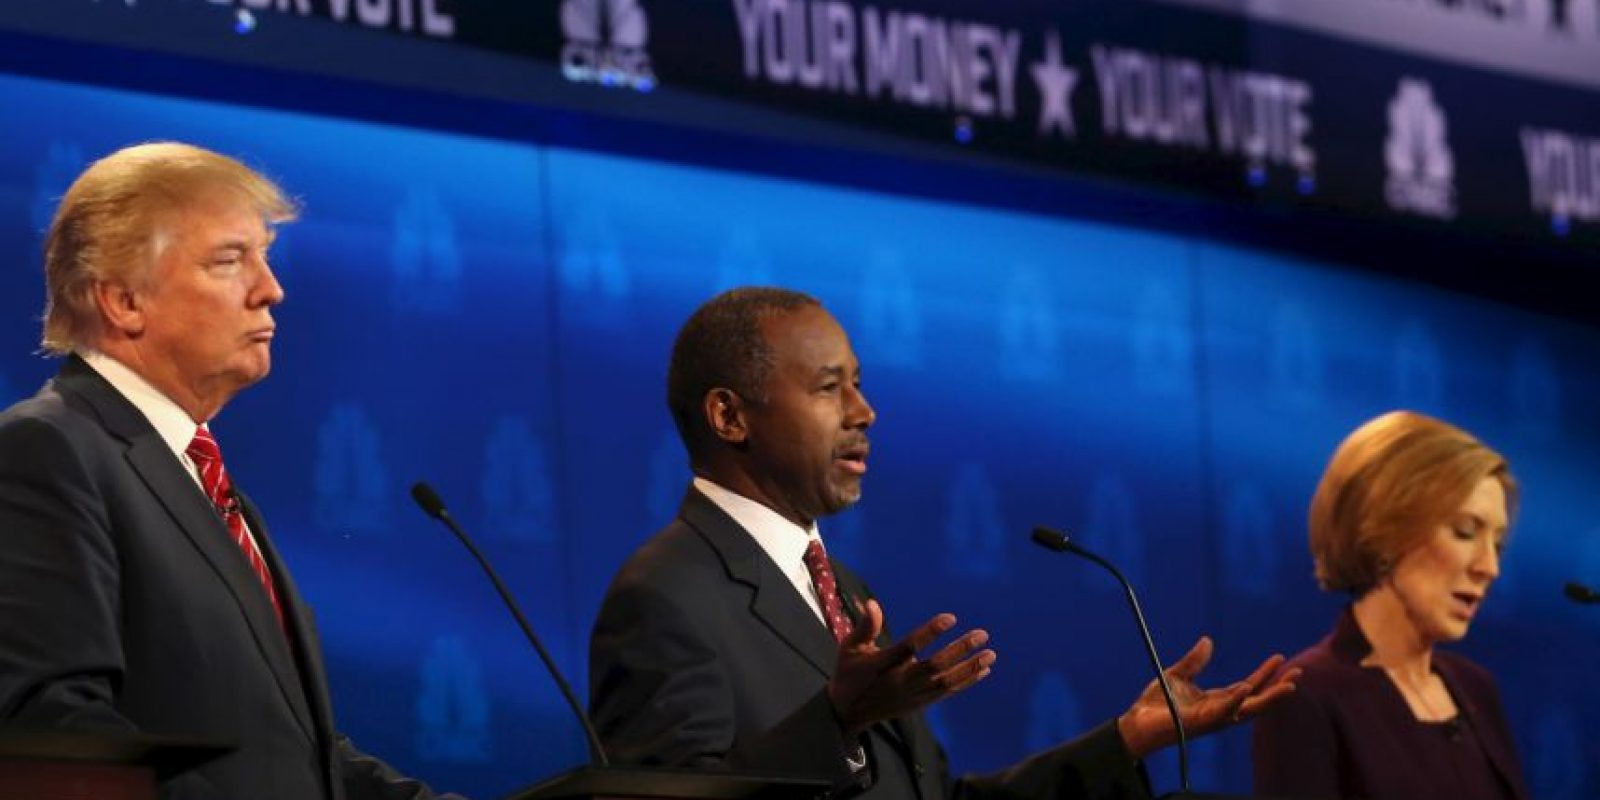 Ambos políticos forman parte del Partido Republicano estadounidense. Foto:Getty Images